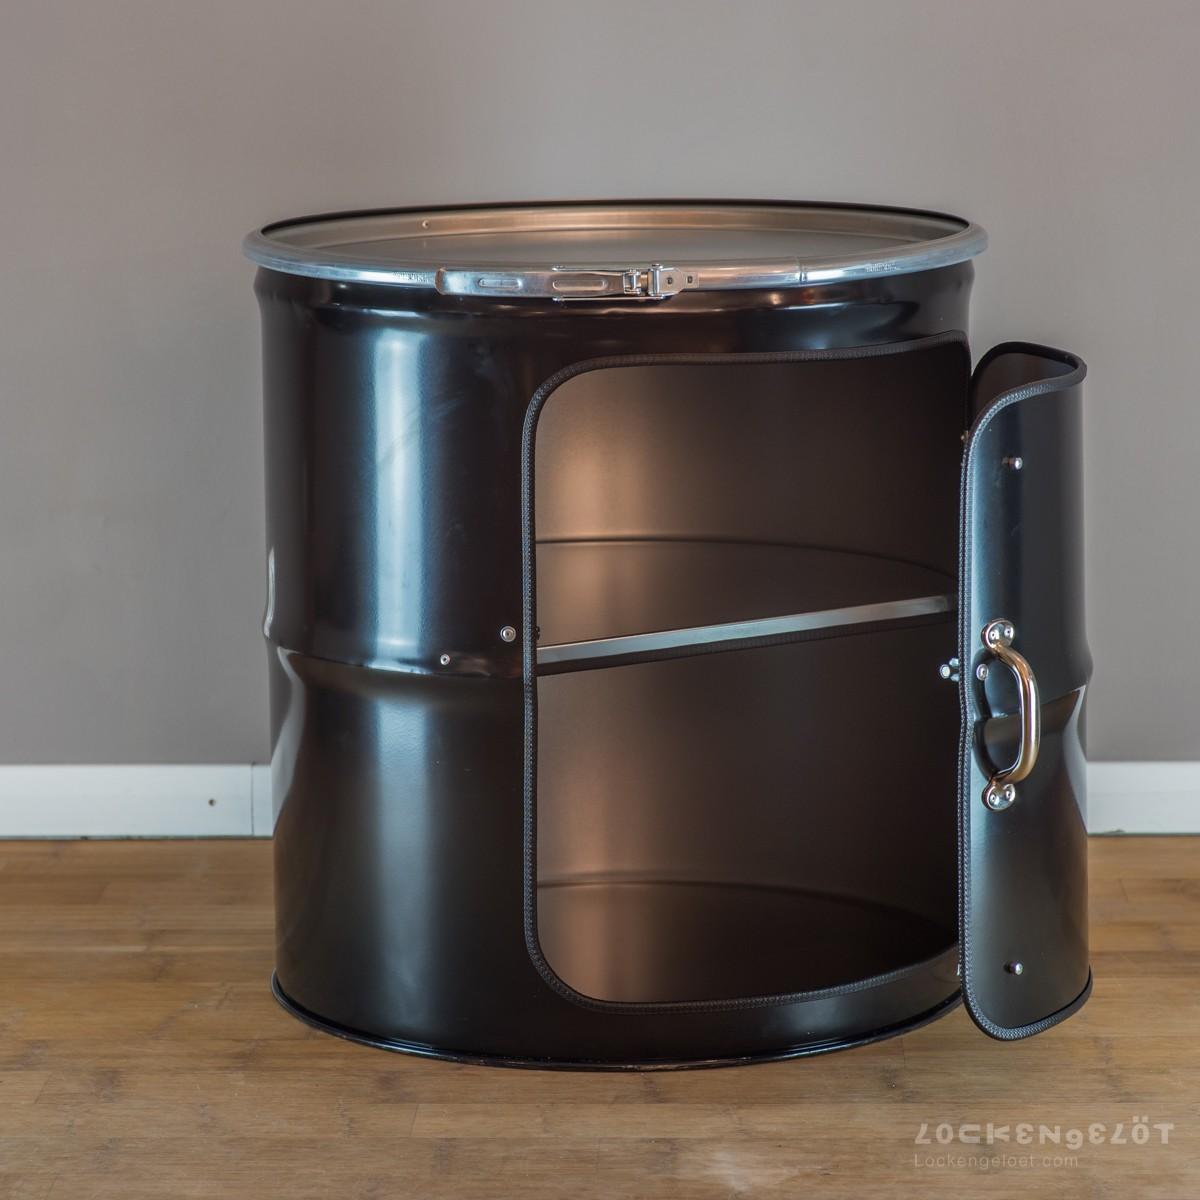 Lockengelöt Schränk Medium - Schrank aus einem Ölfass